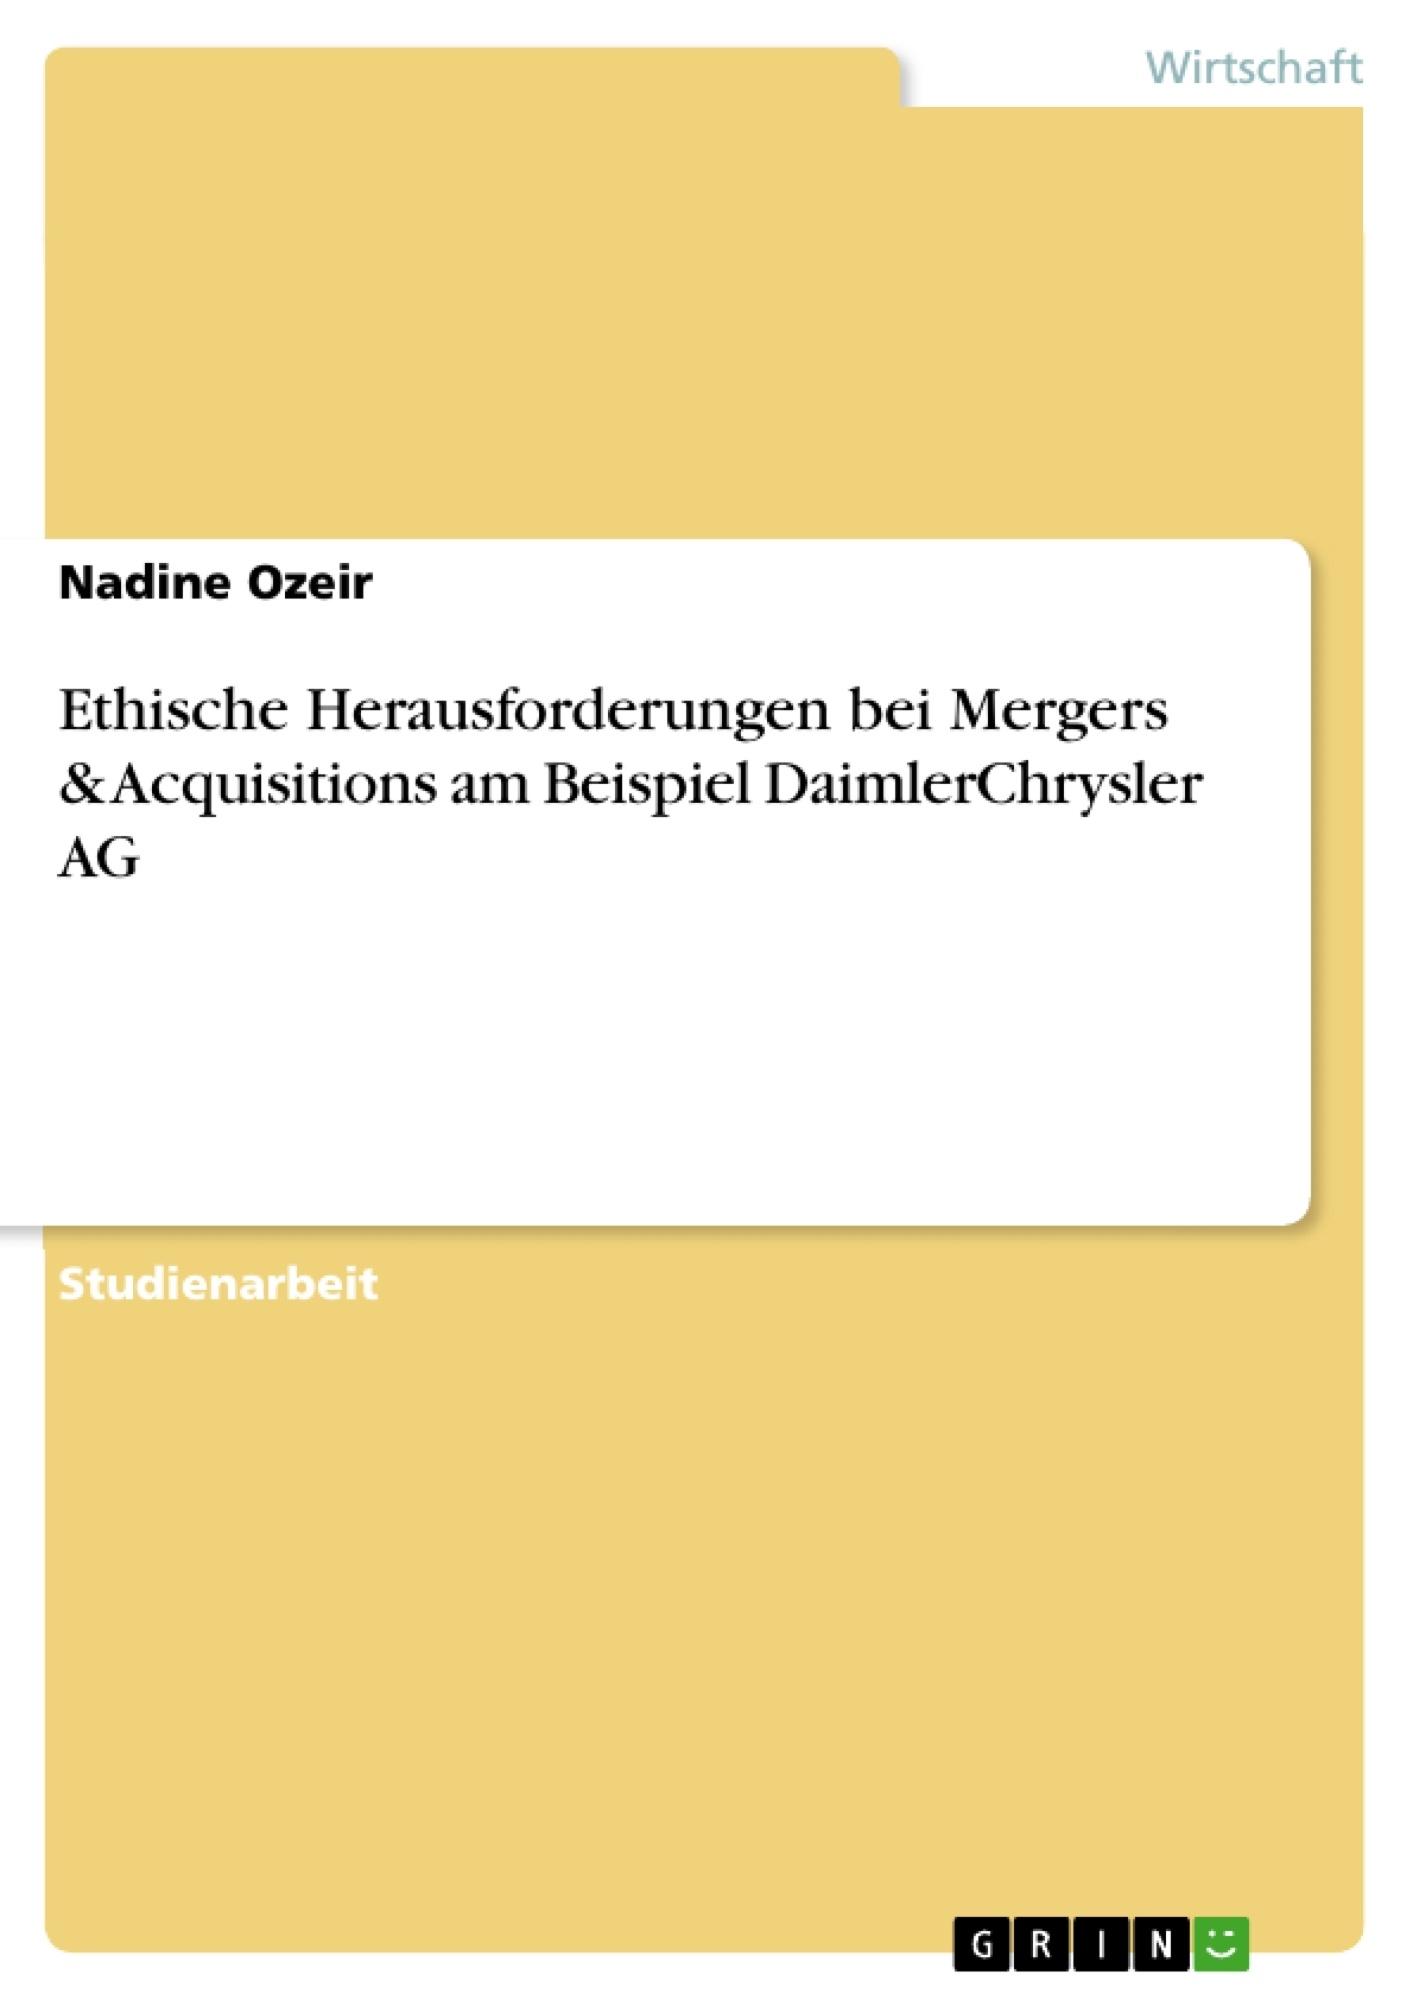 Titel: Ethische Herausforderungen bei Mergers & Acquisitions am Beispiel DaimlerChrysler AG